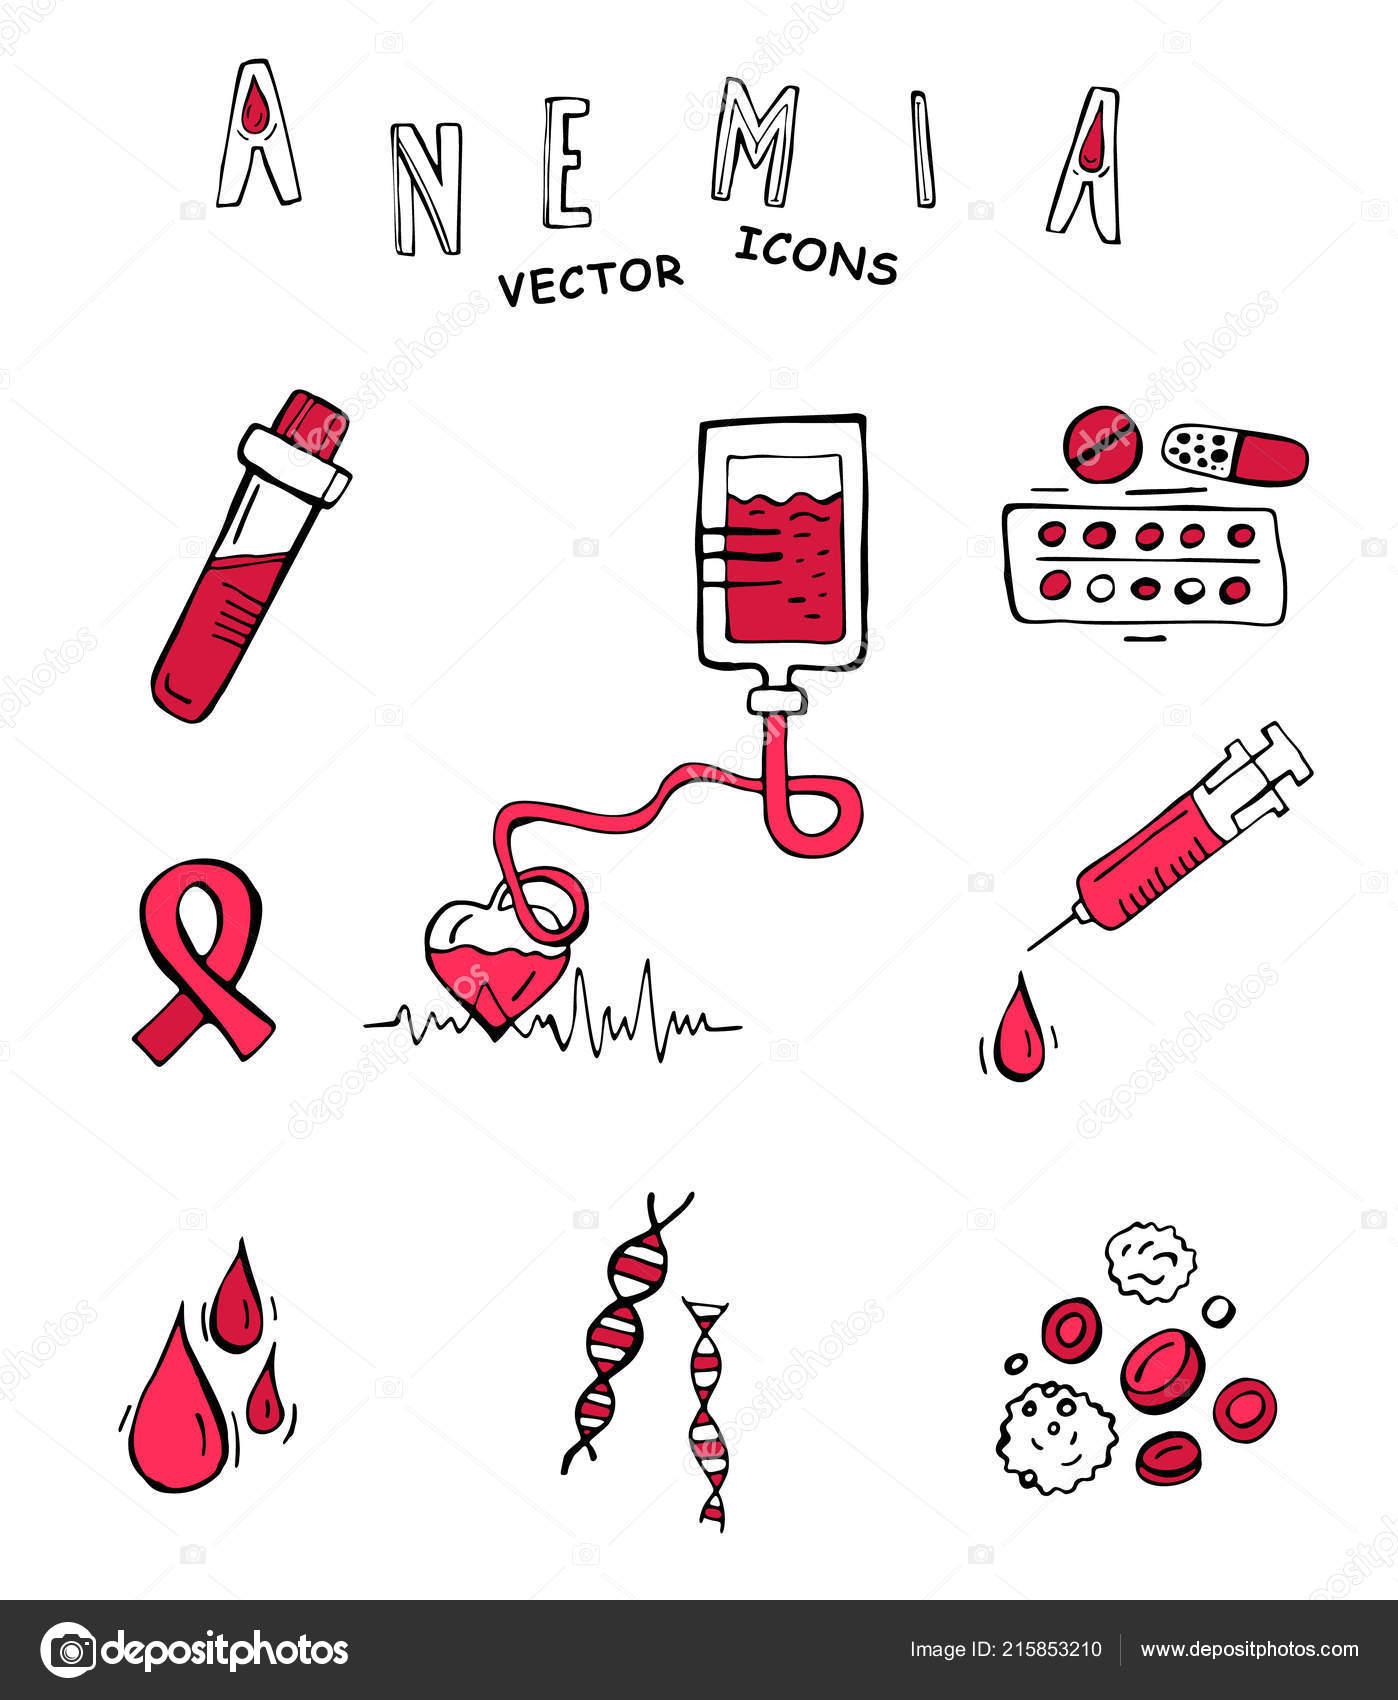 vérszegénység xq da hpv torokrák kimutatása